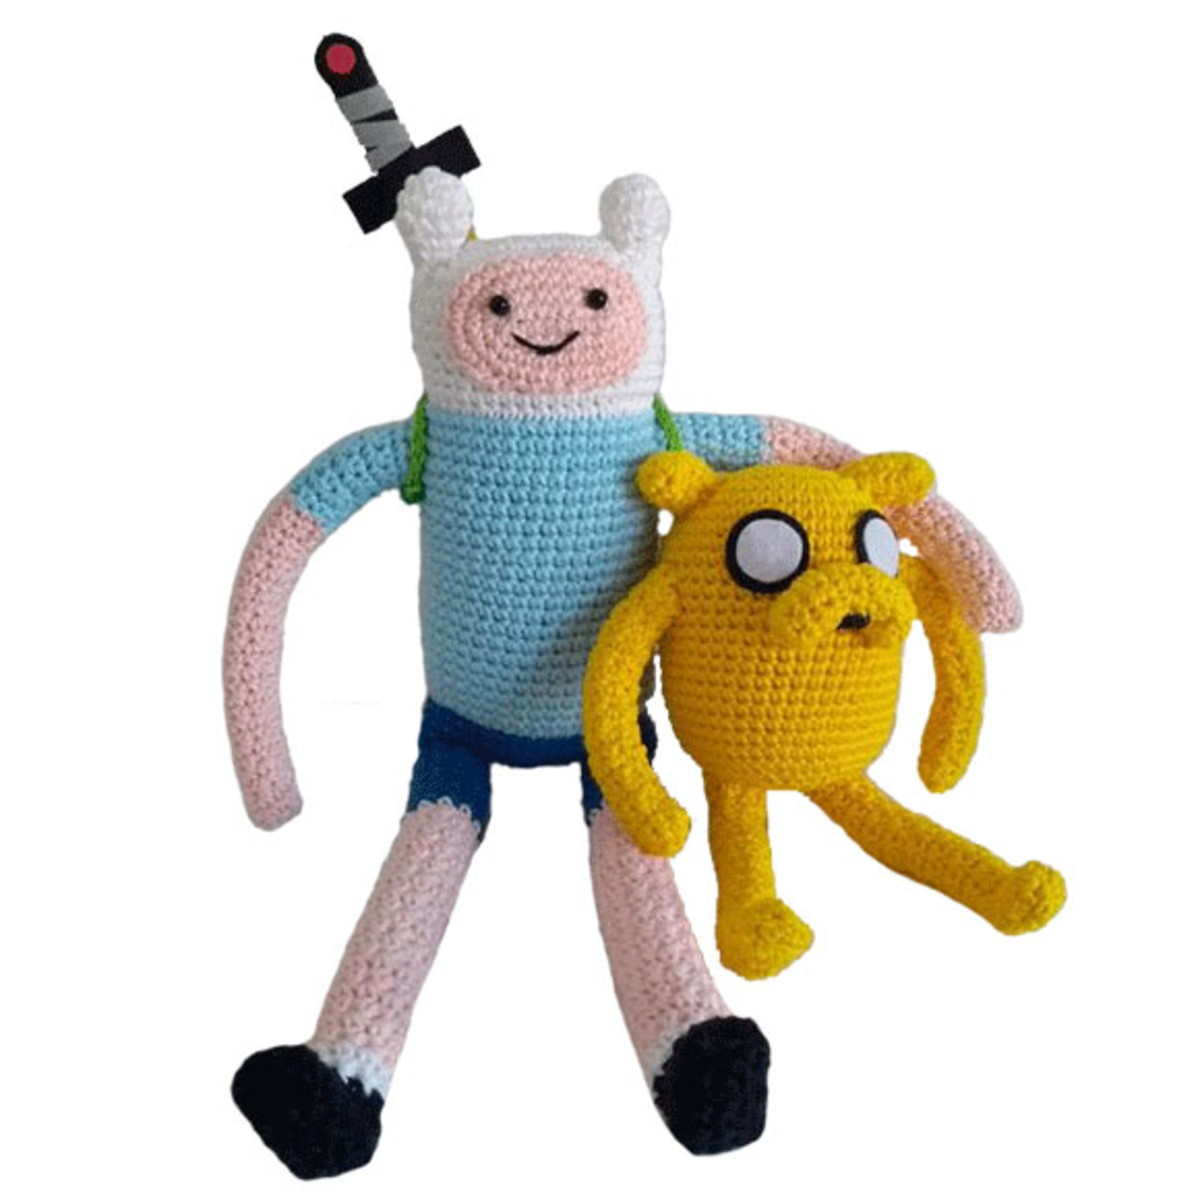 Jake Hora De Aventura Amigurumi Crochet - $ 350,00 en Mercado Libre | 1200x1200